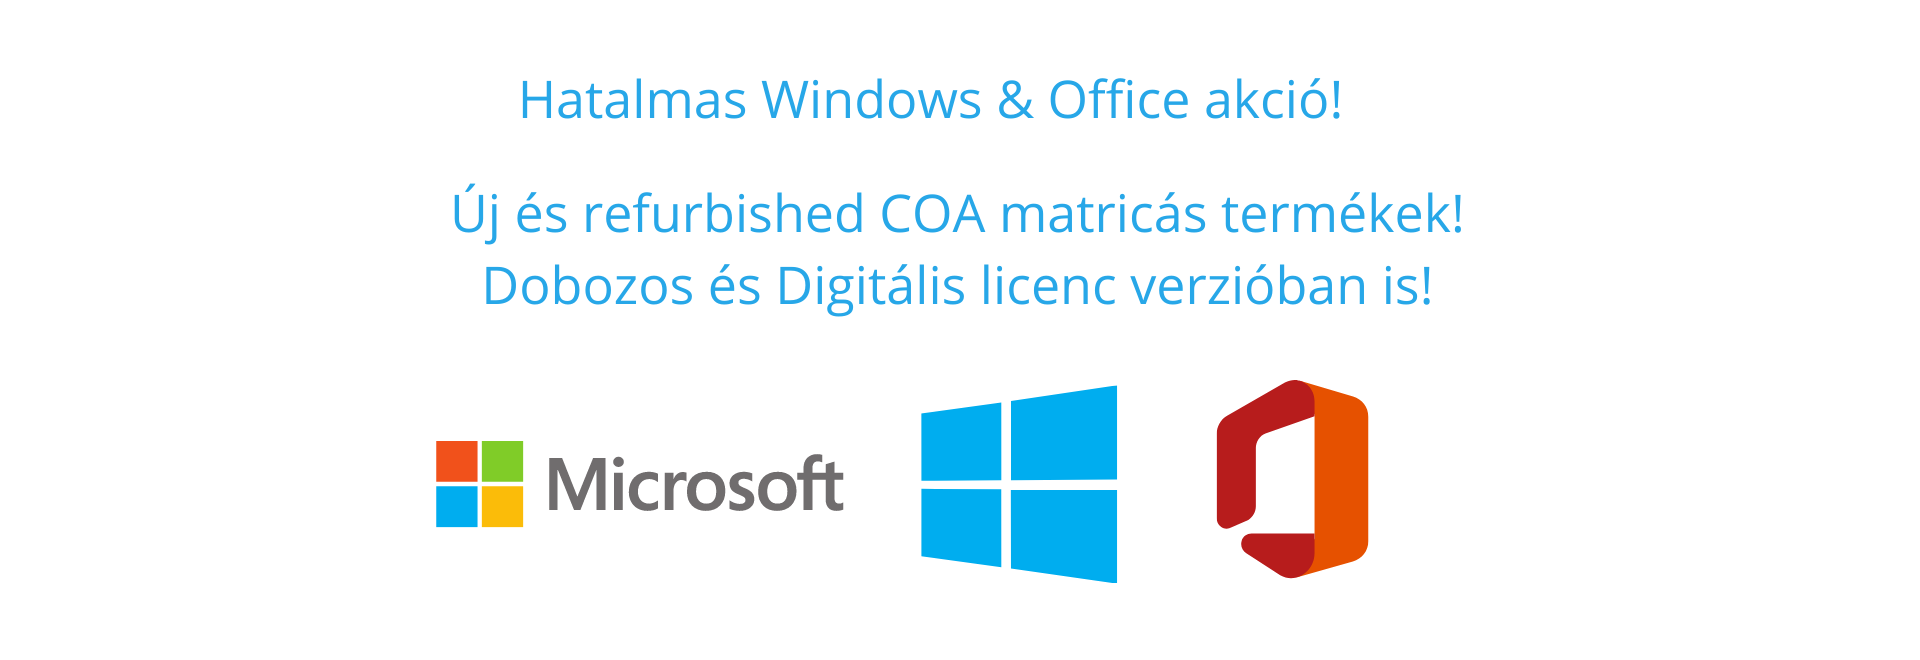 Windows akció